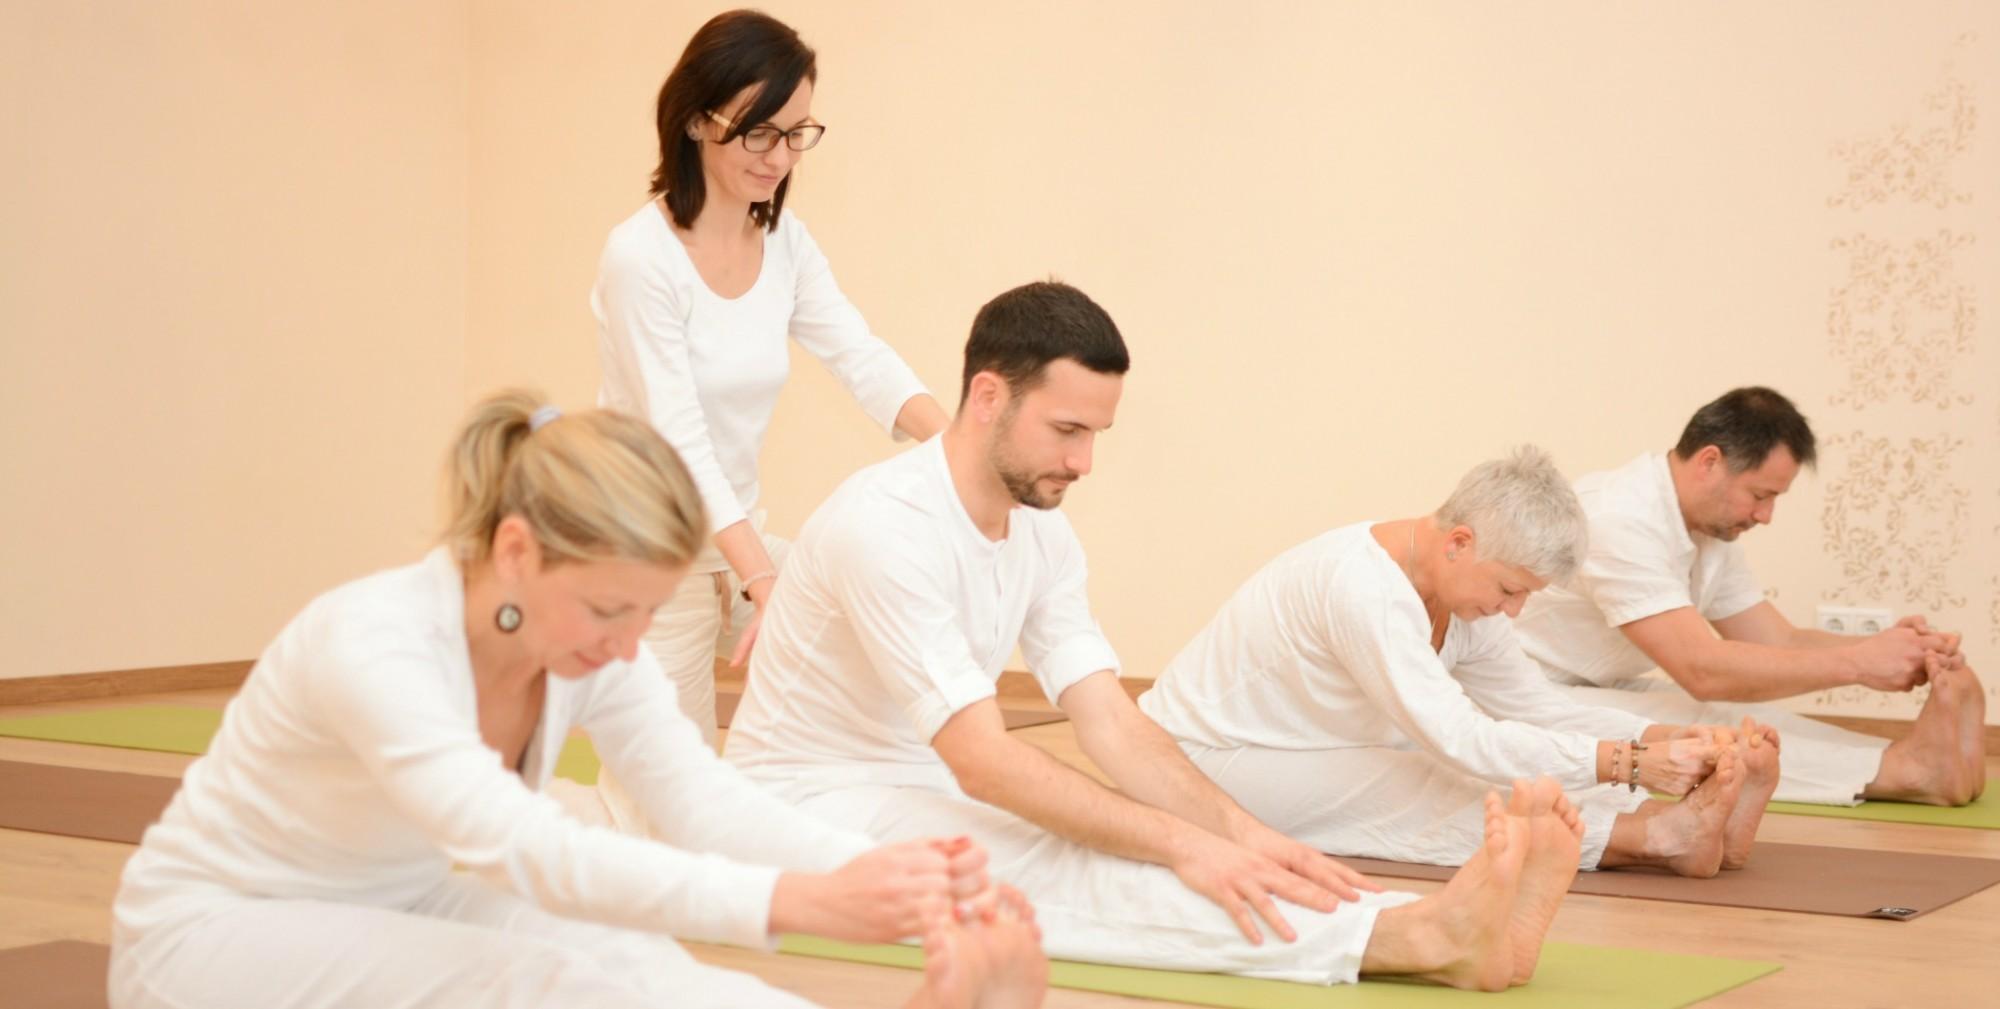 Yoga Class in English